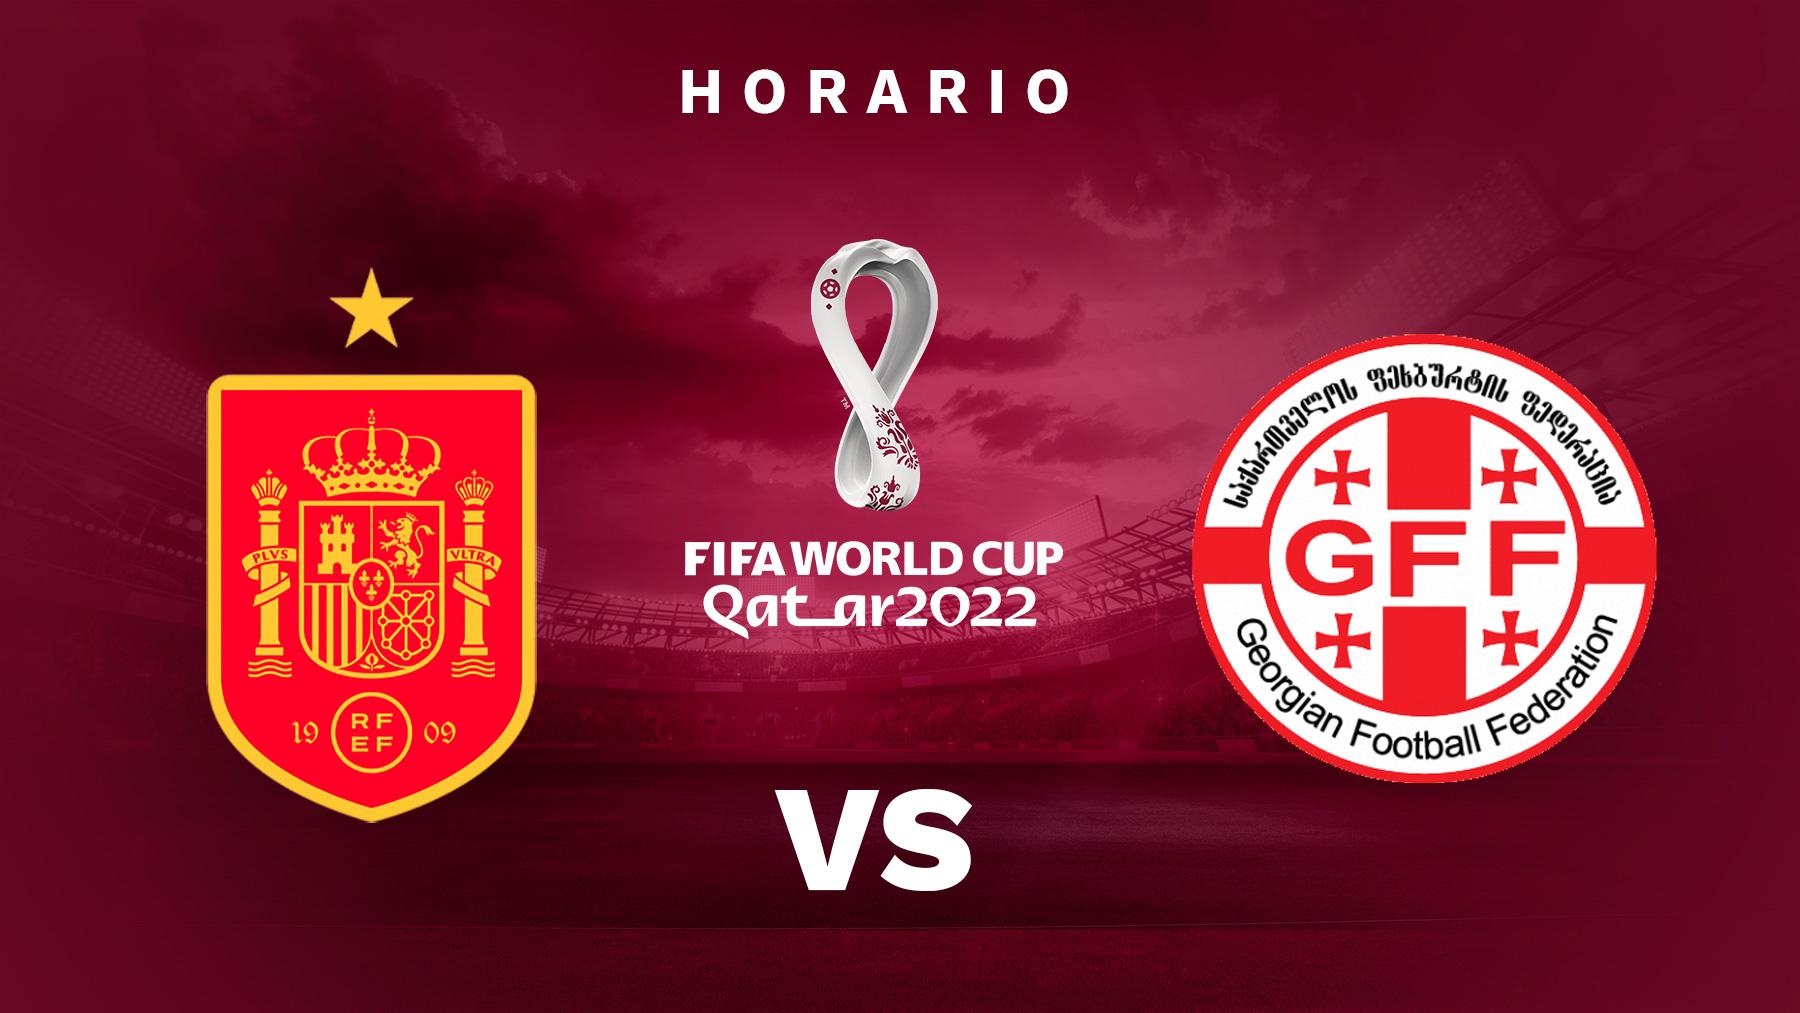 Clasificación Mundial Qatar 2022: España – Georgia | Horario del partido de fútbol de la clasificación del Mundial de Qatar 2022.